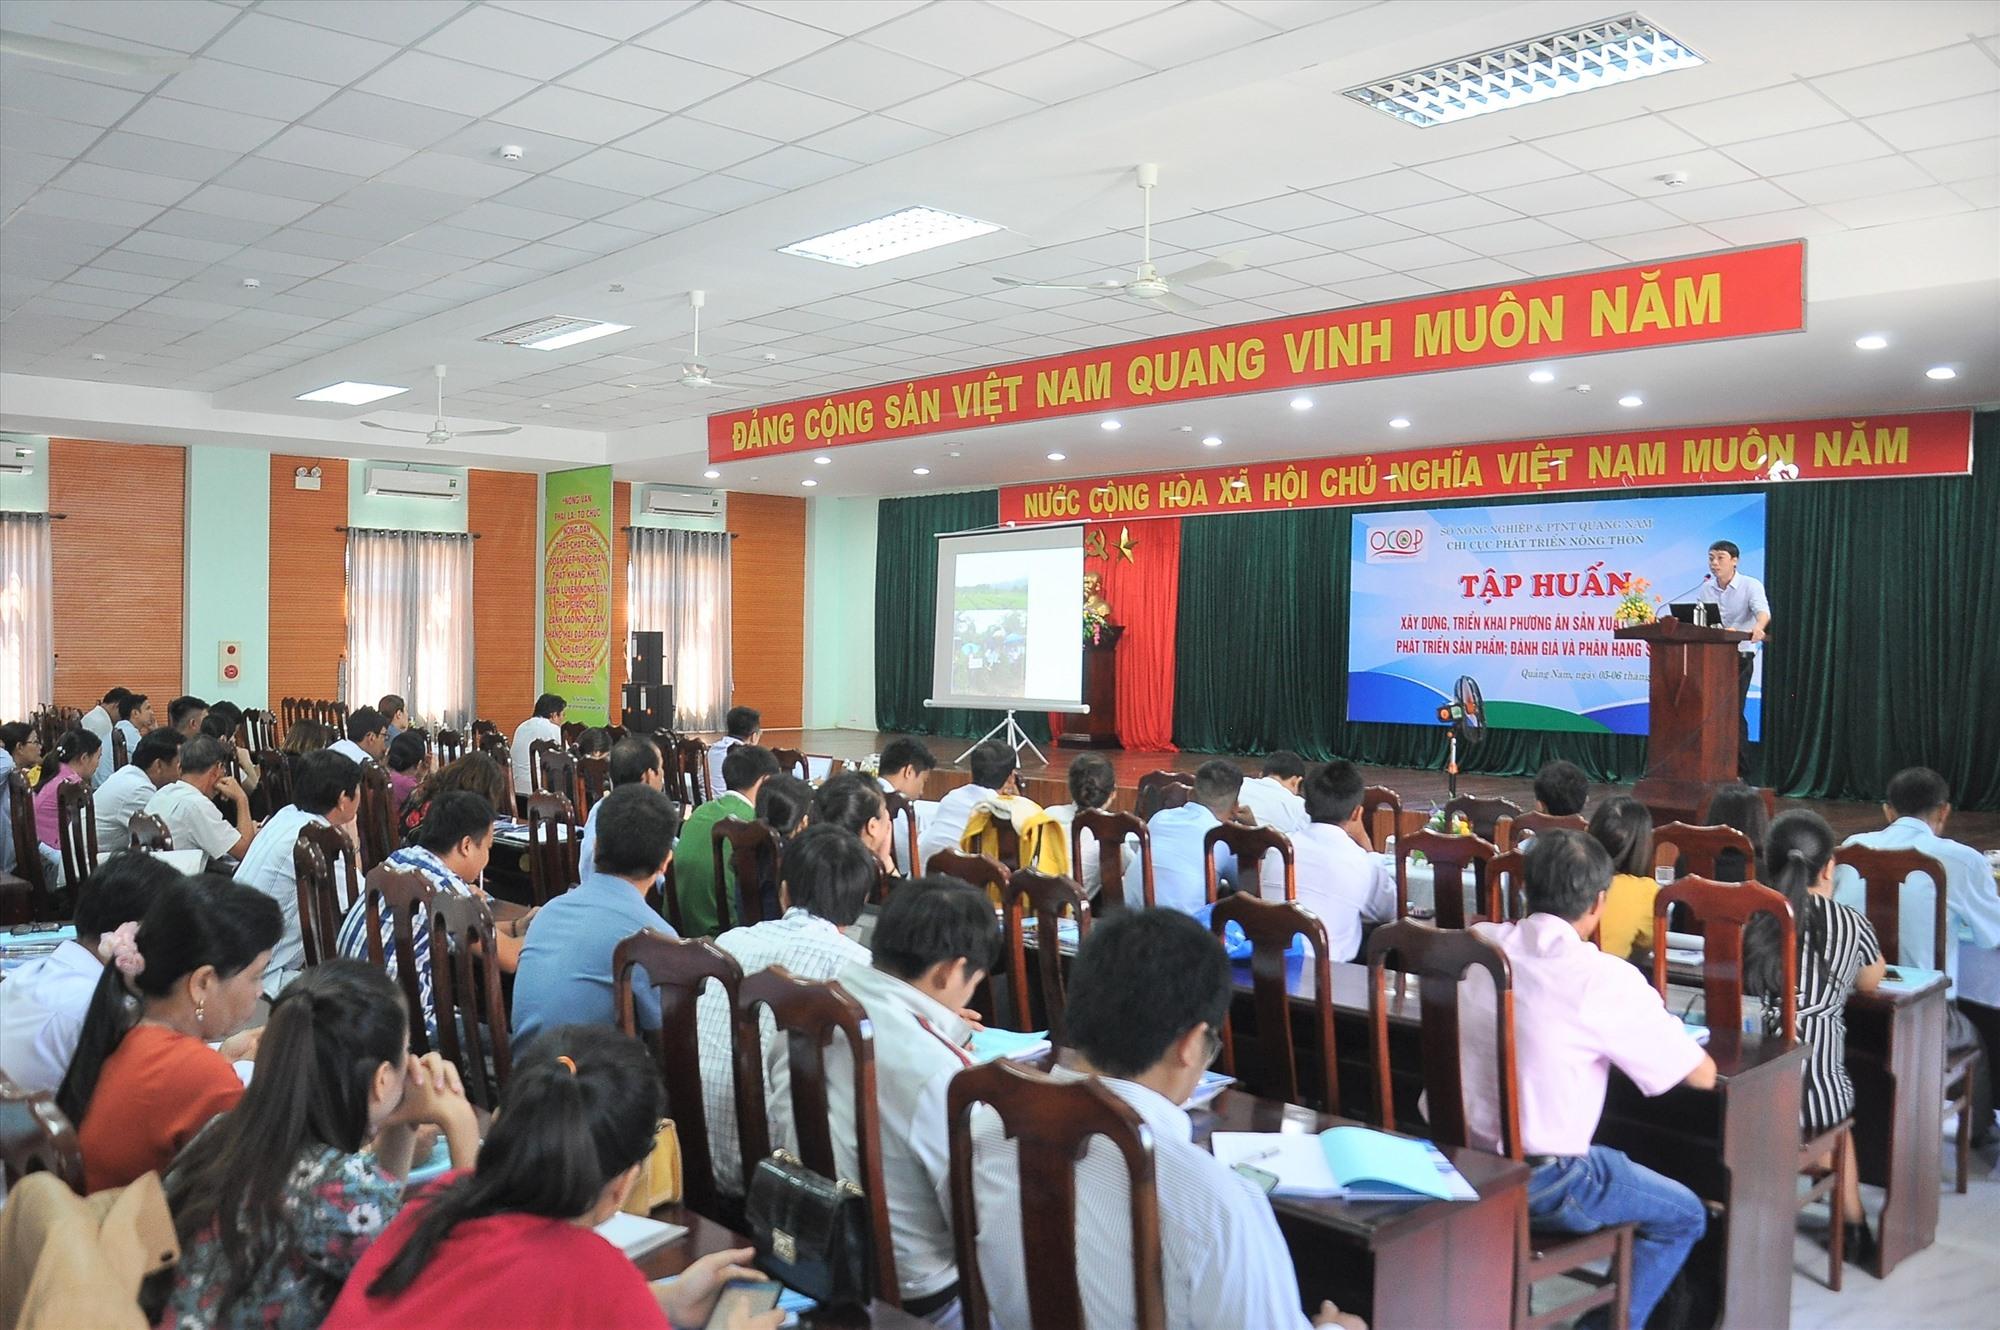 Hơn 150 đại biểu tham gia lớp tập huấn về chương trình OCOP năm 2020. Ảnh: VINH ANH